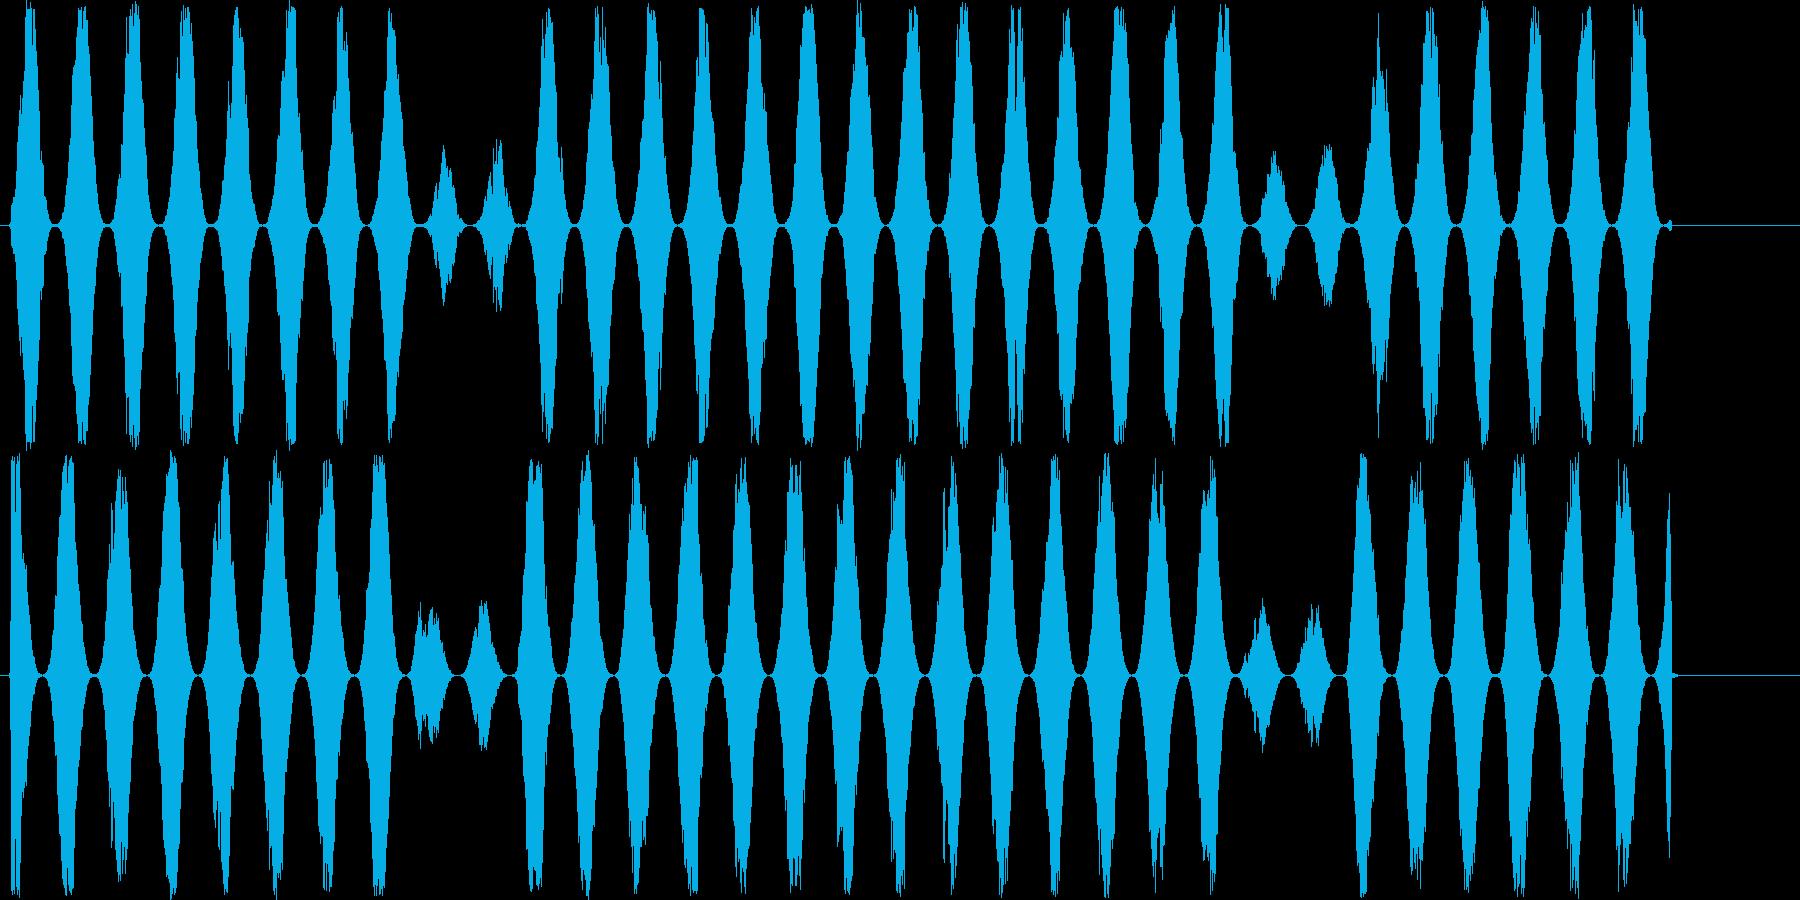 【可愛い効果音/ぴよぴよ】の再生済みの波形